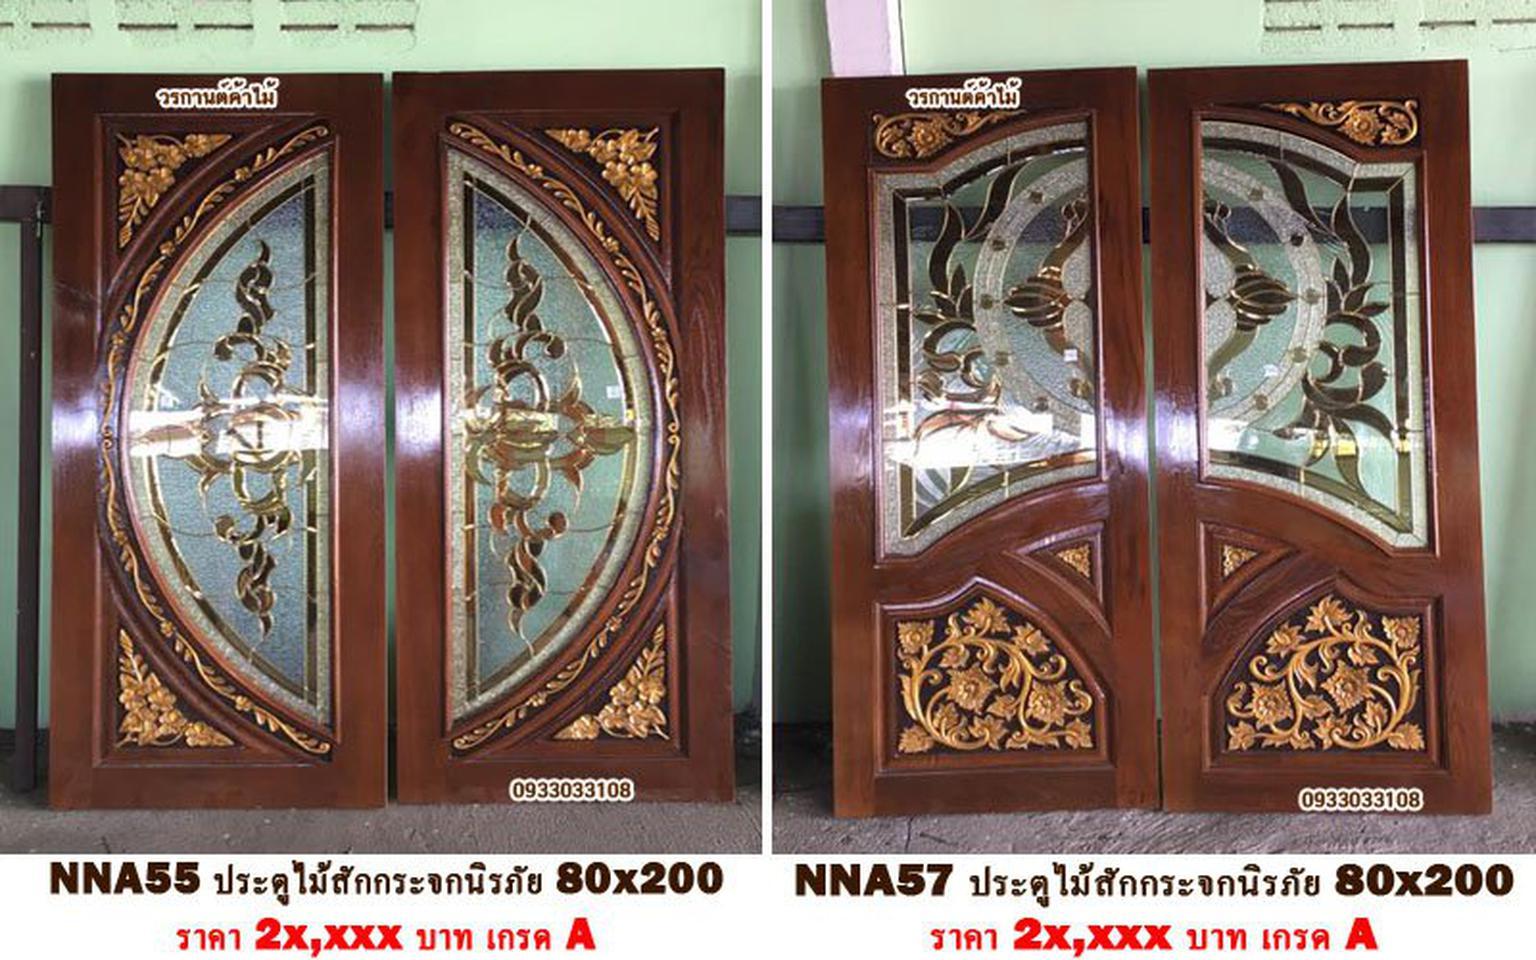 ประตูไม้สัก,กระจกนิรภัย, ประตูไม้สักบานเลื่อน ร้านวรกานต์ค้าไม้ www.door-woodhome.com รูปที่ 3